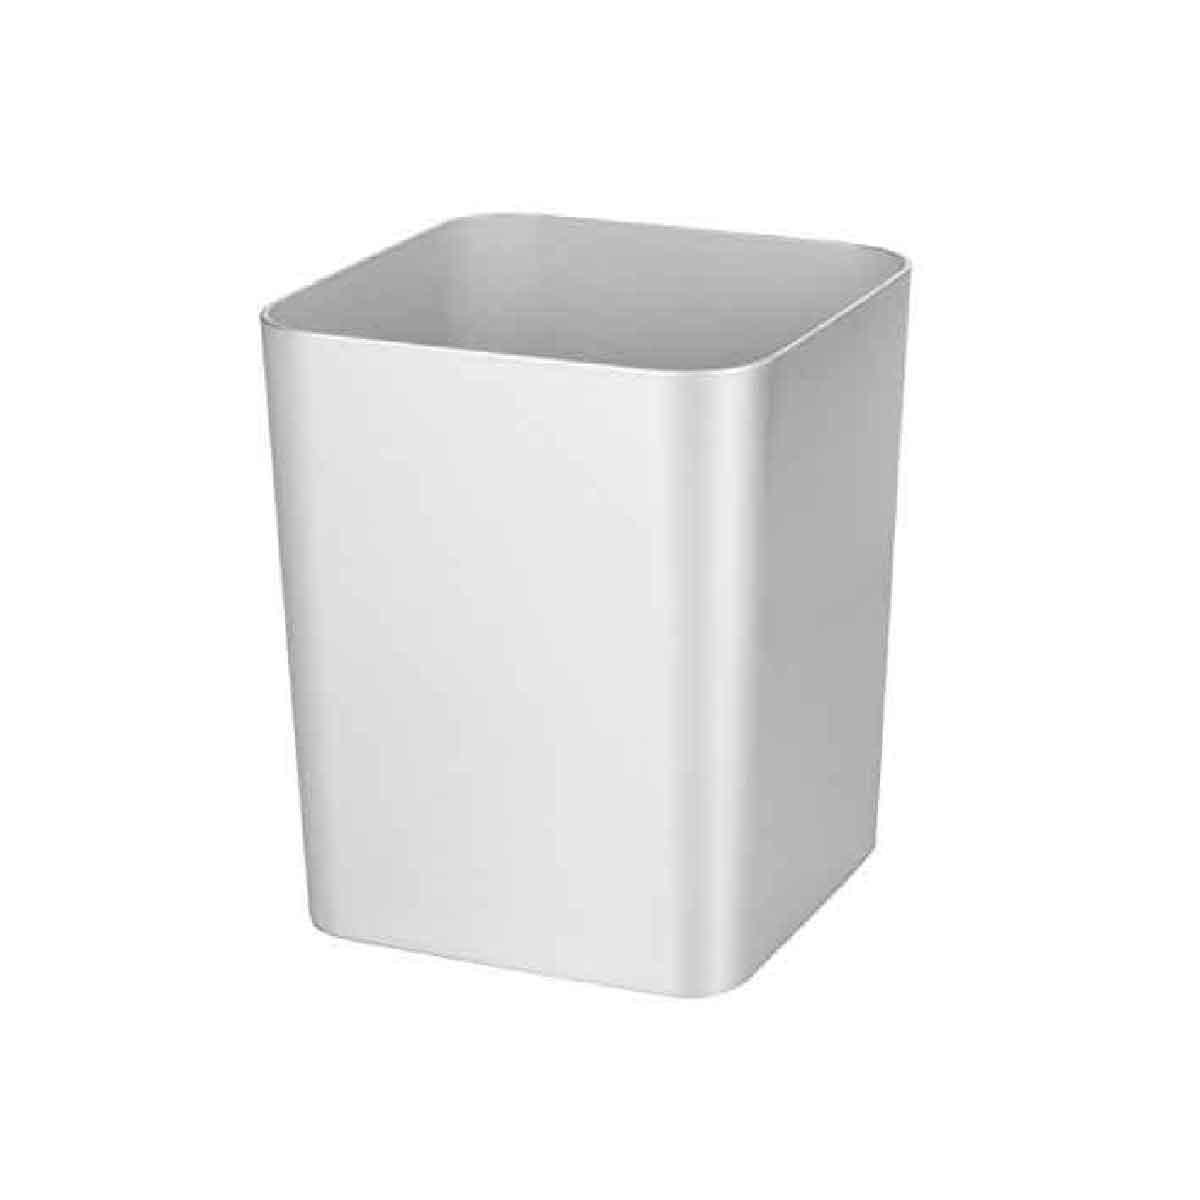 poubelle de salle de bain gris argent 10 litres